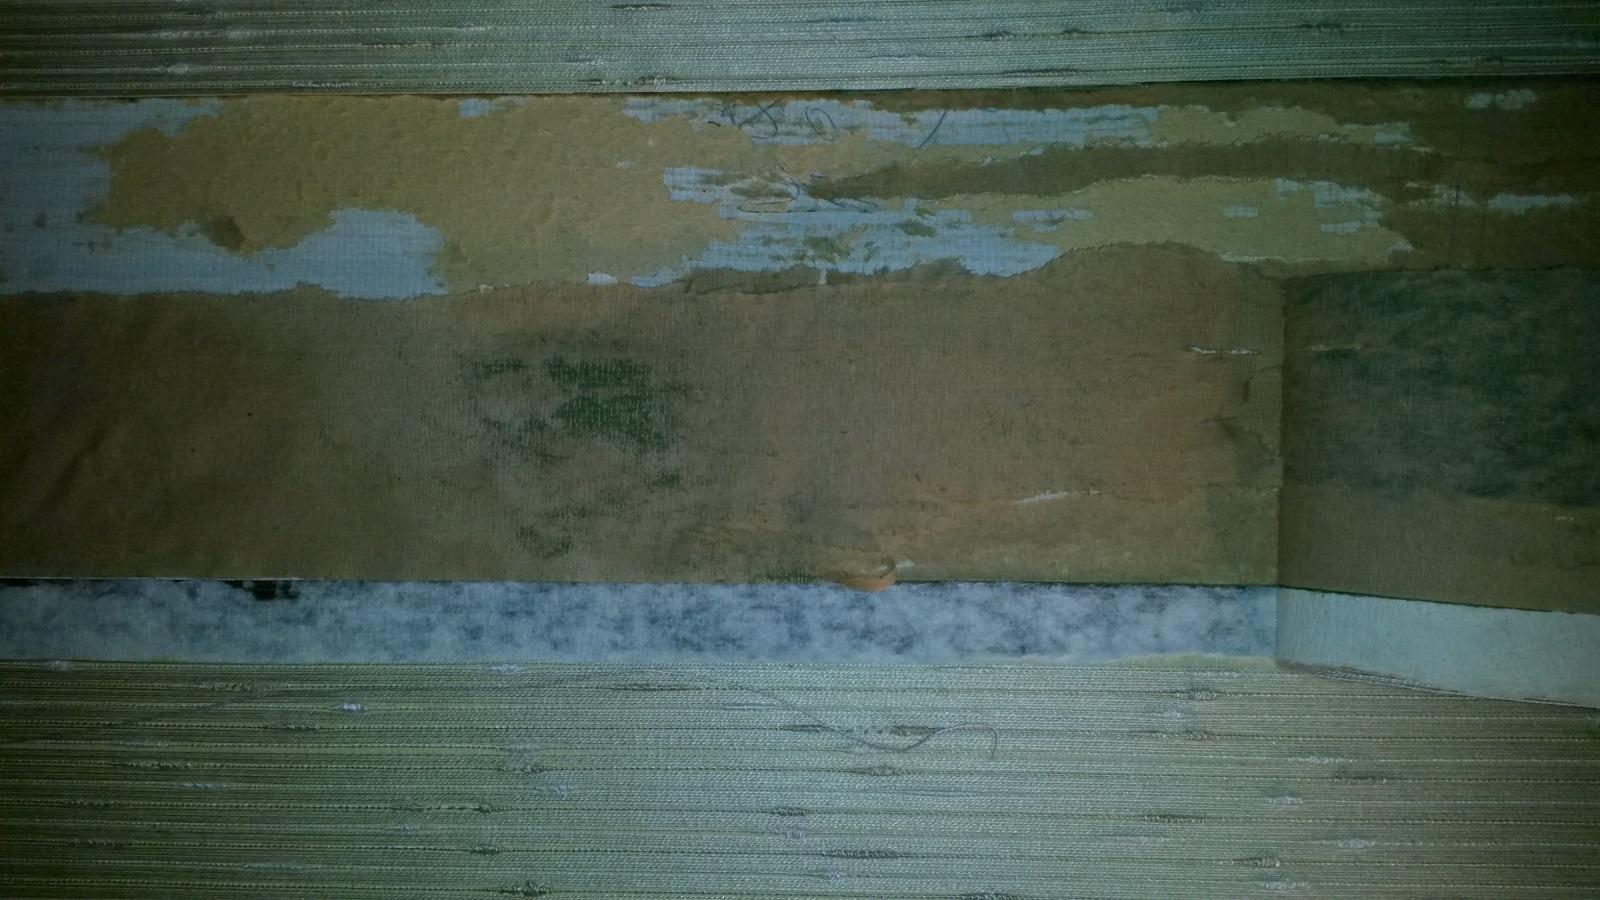 #385259 Mest effektive Male Væg Med Svamp: Inspiration Til Blå Vægge. Nyheder Lofter Og Vægge. Gør Det Selv Toning Af Maling 6205 16009006205